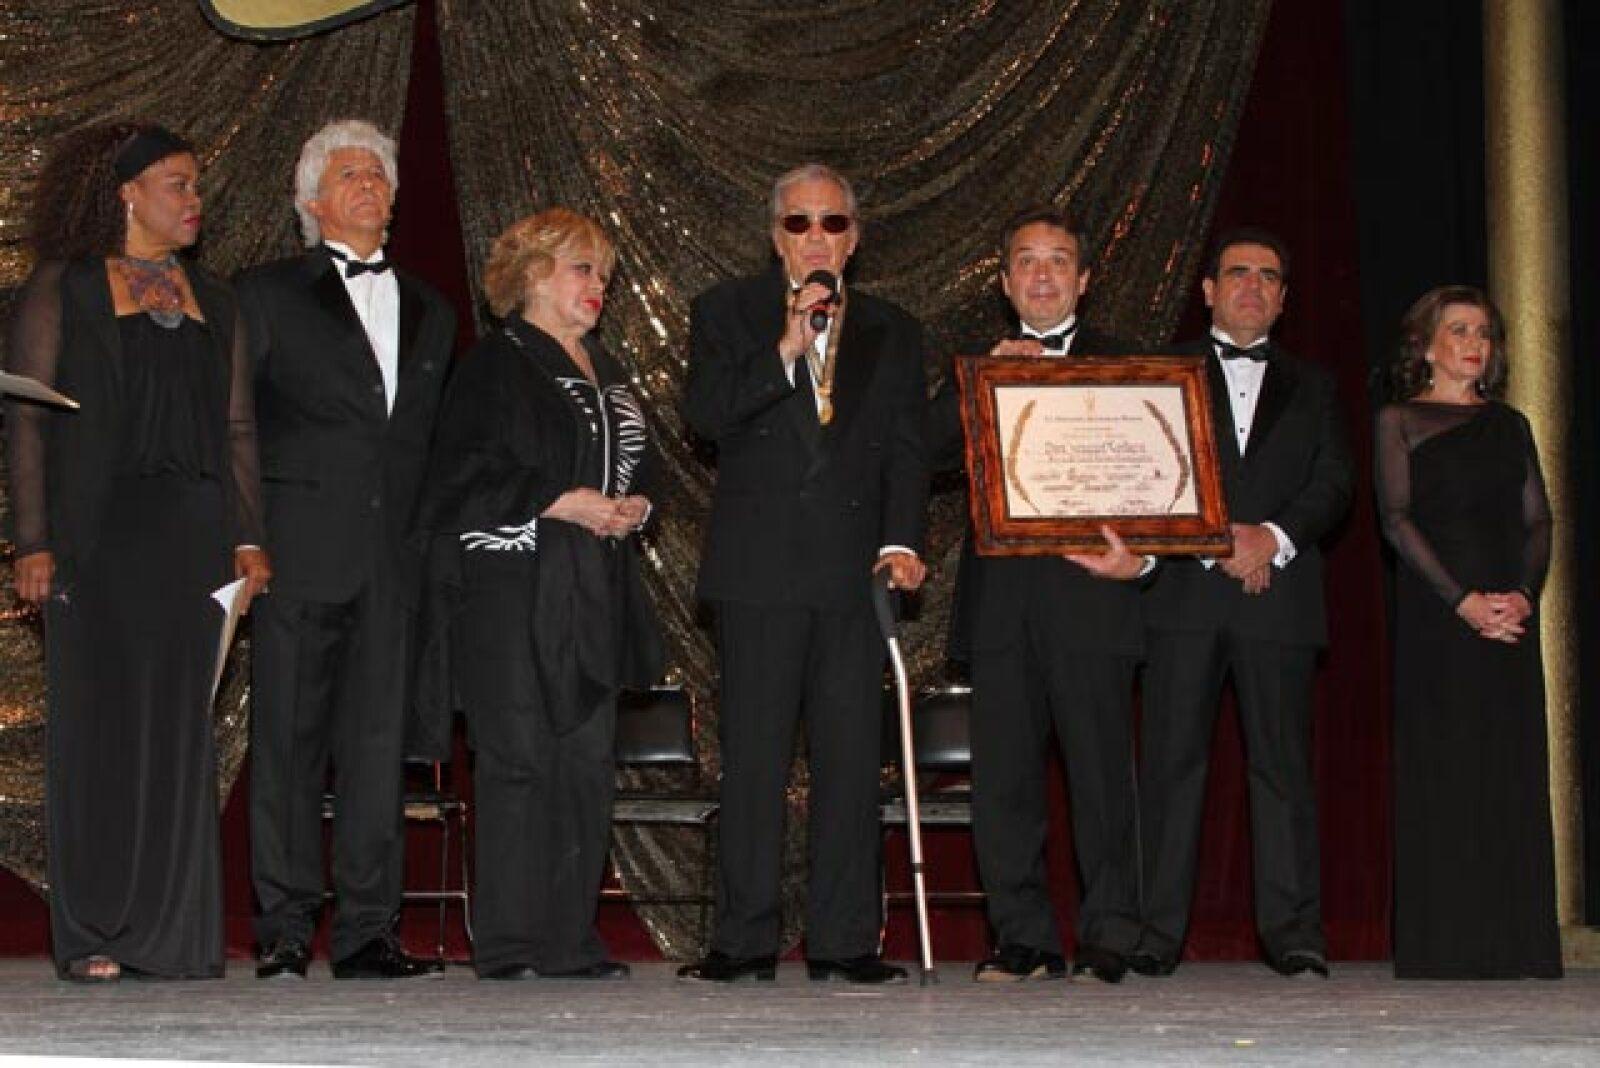 A finales de 2012 el actor recibió un homenaje por 75 años de trayectoria por parte de la Asociación Nacional de Actores, que le entregó una medalla instituida con su nombre.